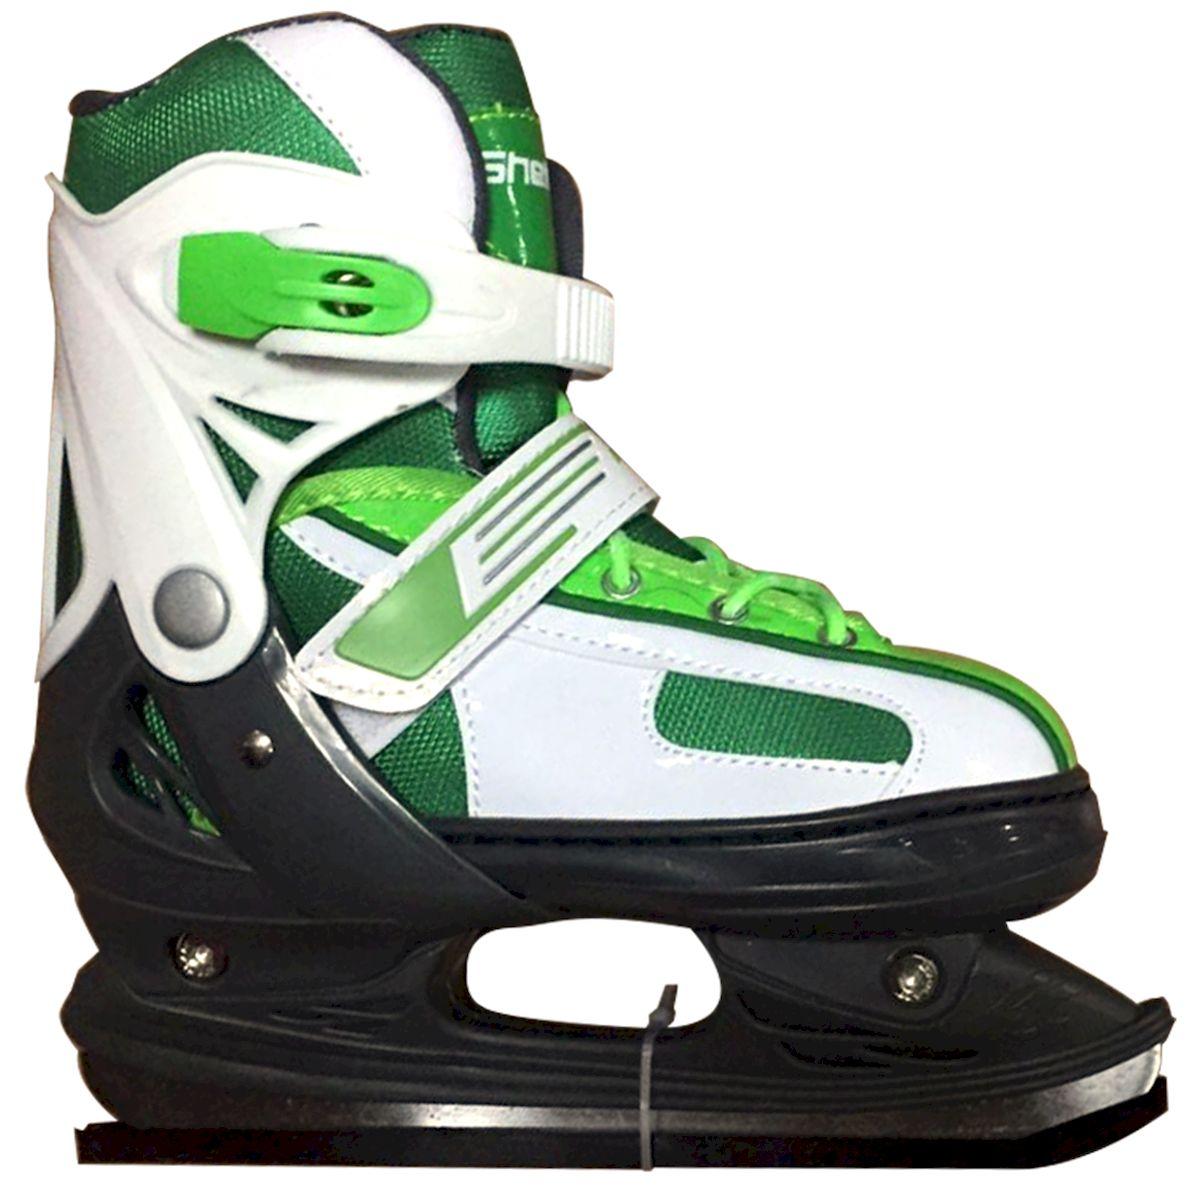 Коньки ледовые Ice Blade Shelby, раздвижные, цвет: черный, зеленый, белый. УТ-00009127. Размер M (34/37)